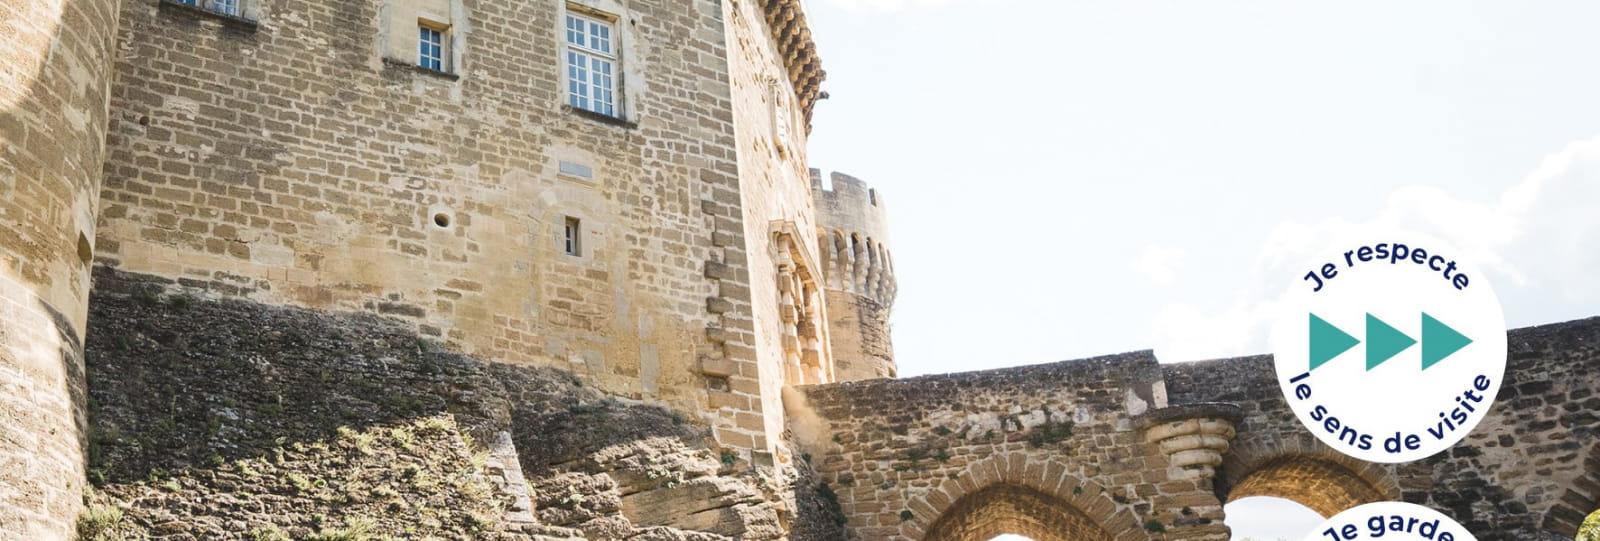 Château de Suze-la- Rousse